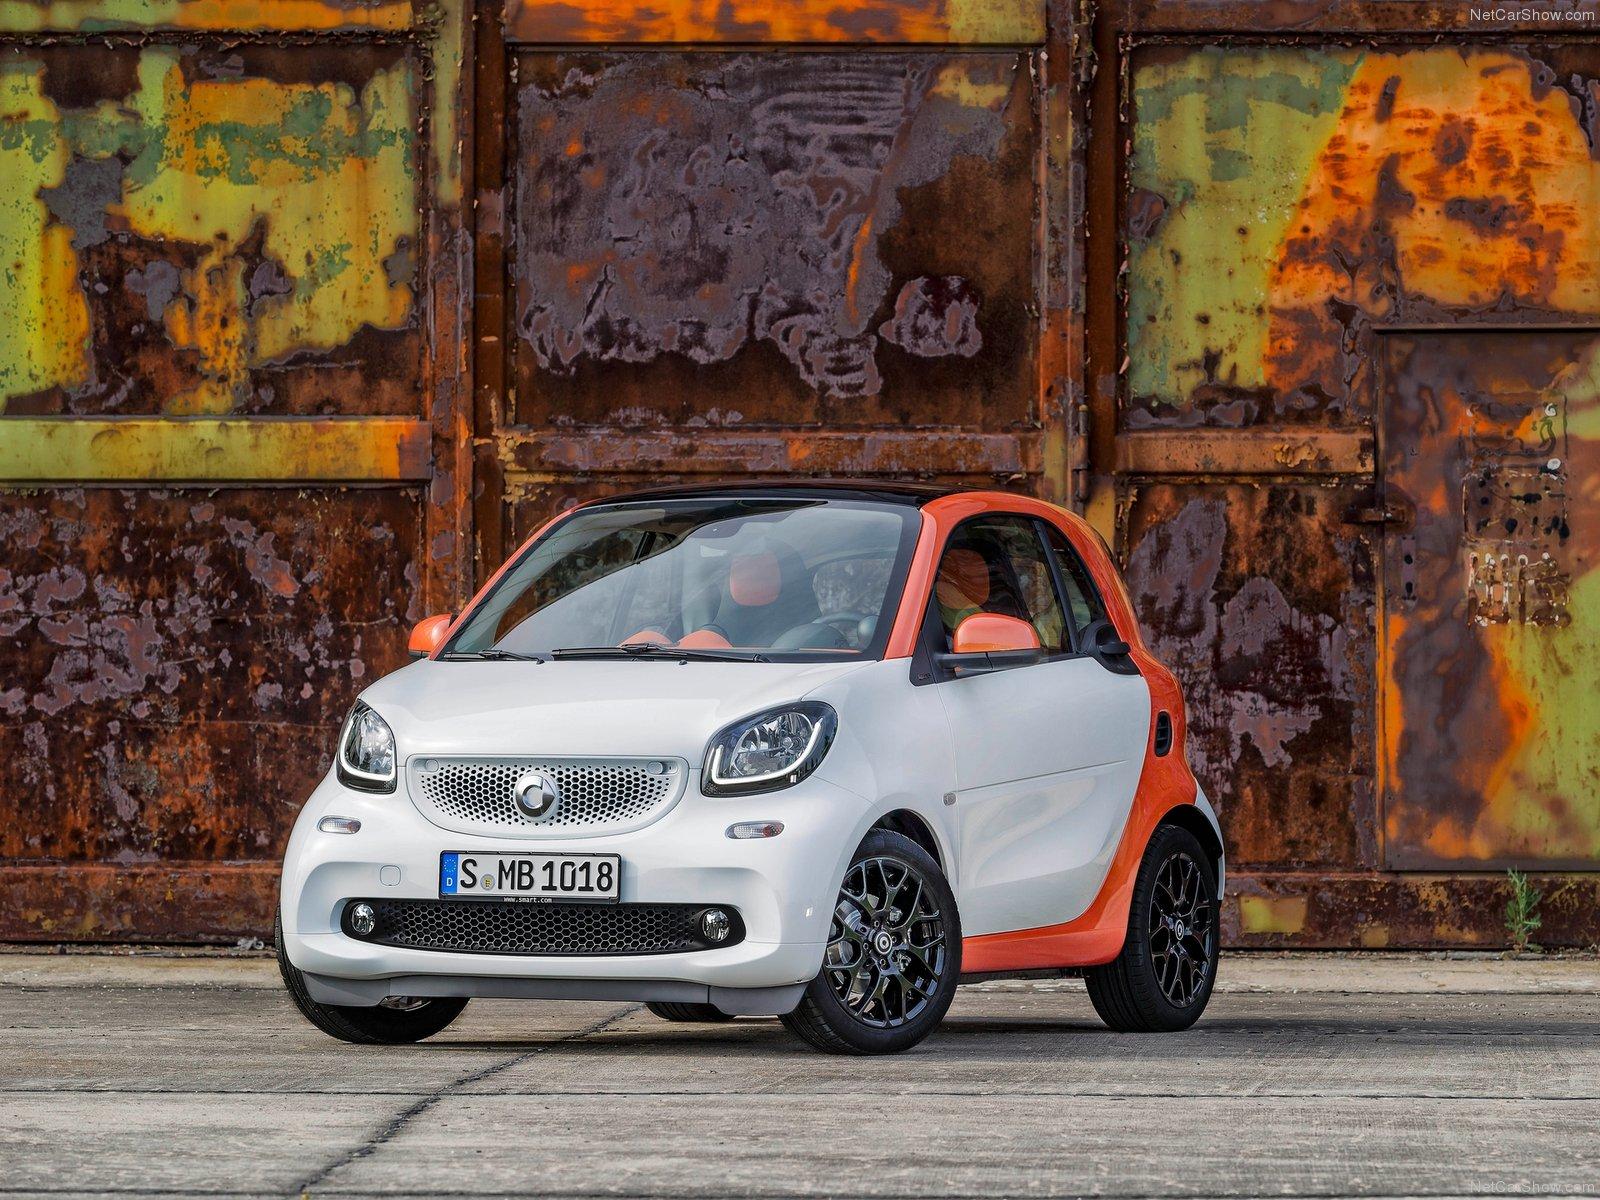 Hình ảnh xe ô tô Smart fortwo 2015 & nội ngoại thất